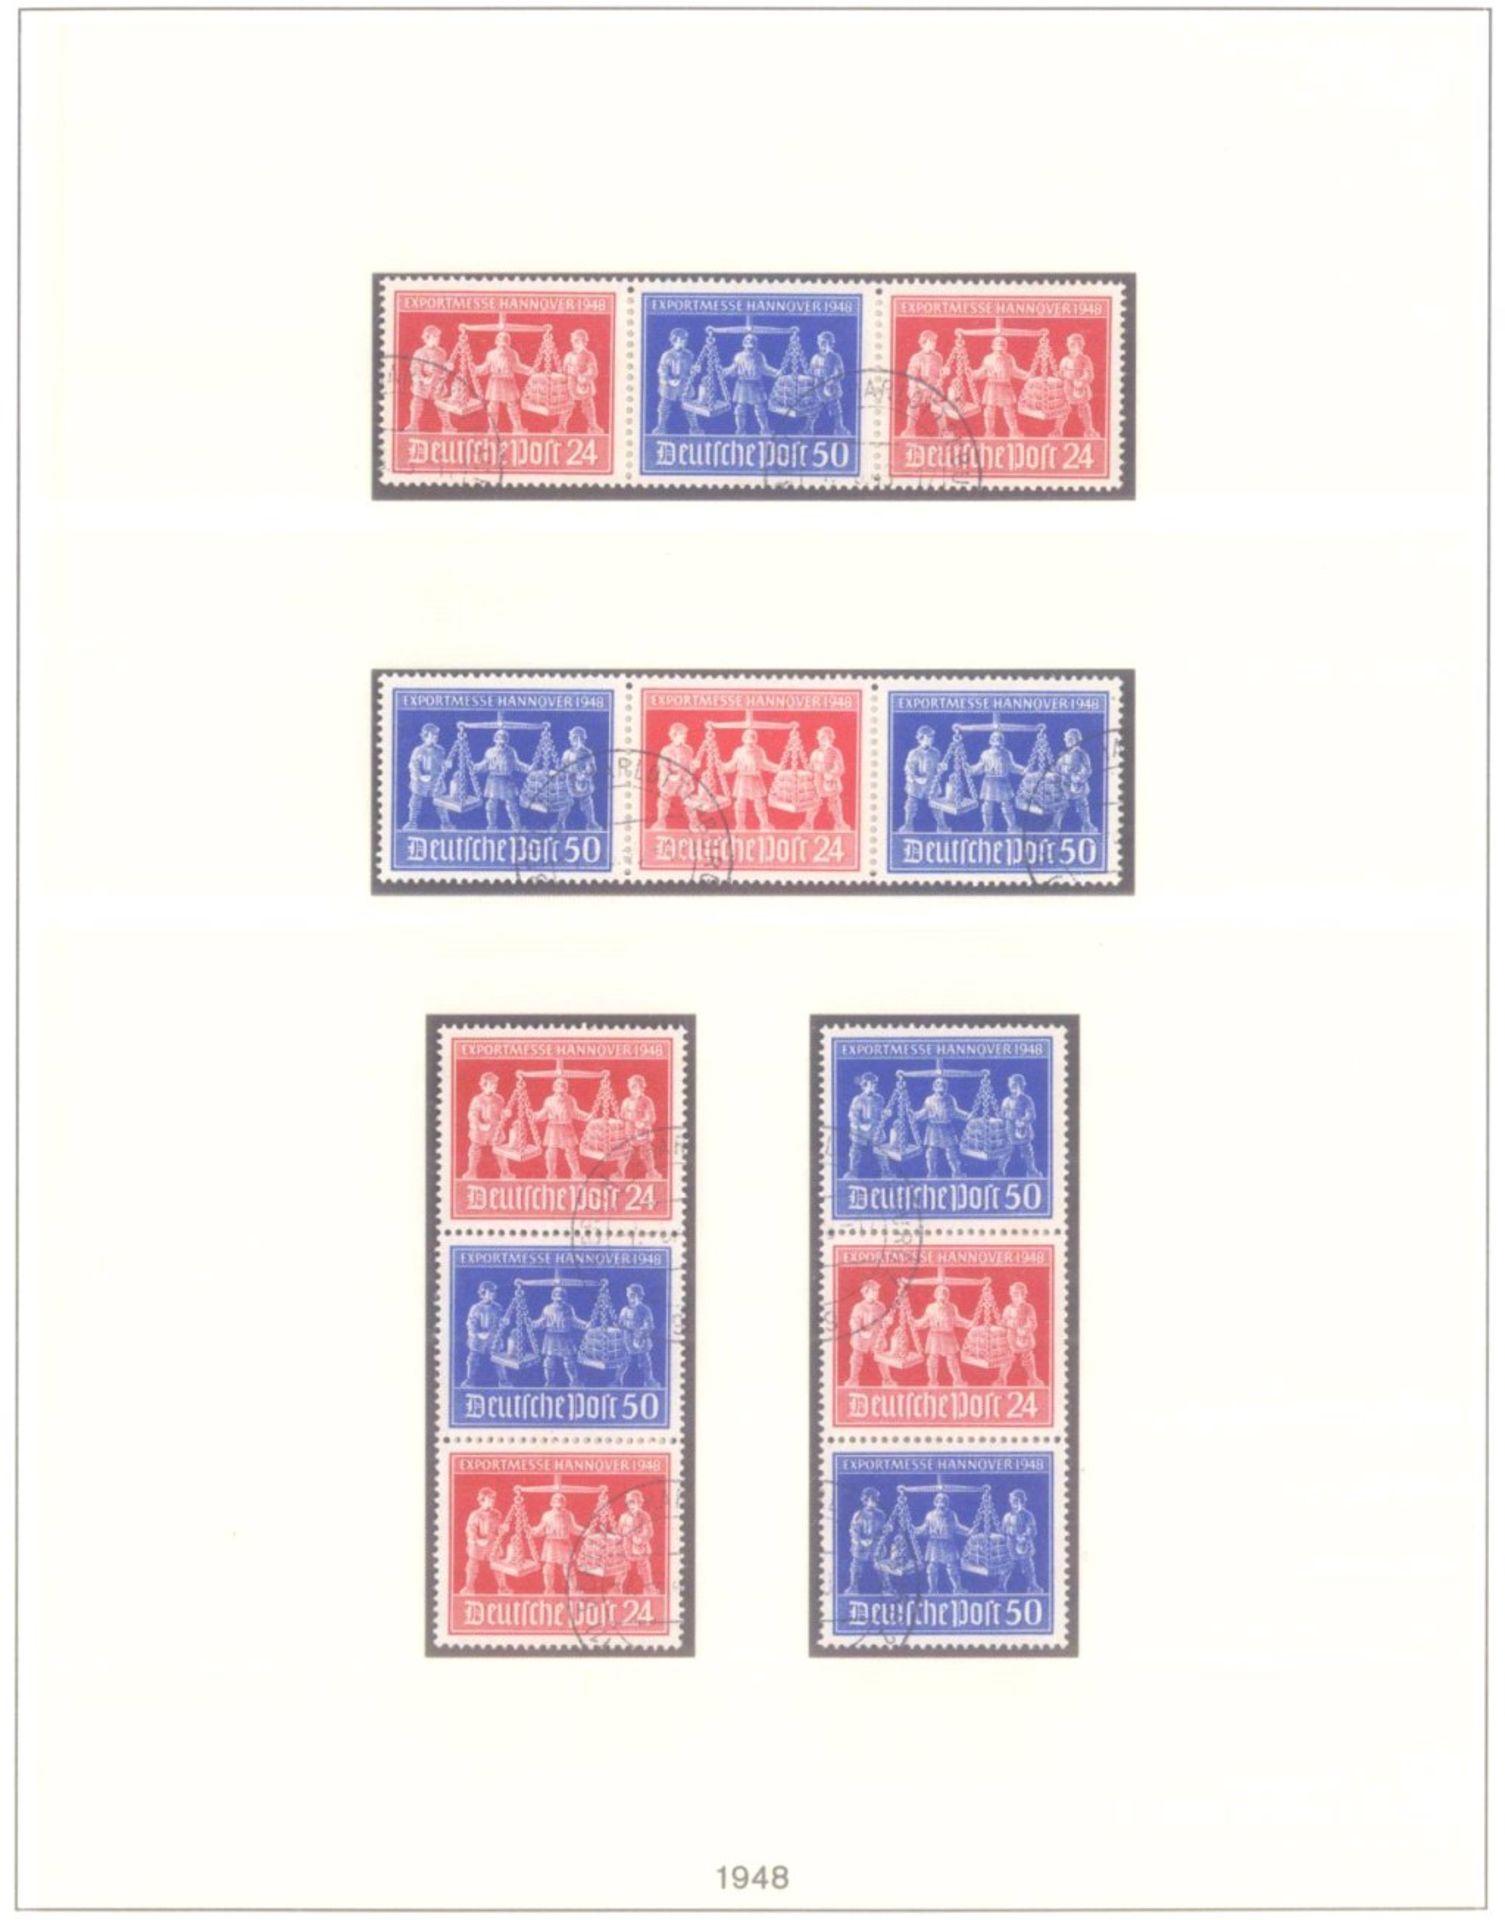 Sammlung Alliierte BesetzungAmerikanische und Britische Zone, AM Post (auch hohe Werte),sowie - Bild 10 aus 12